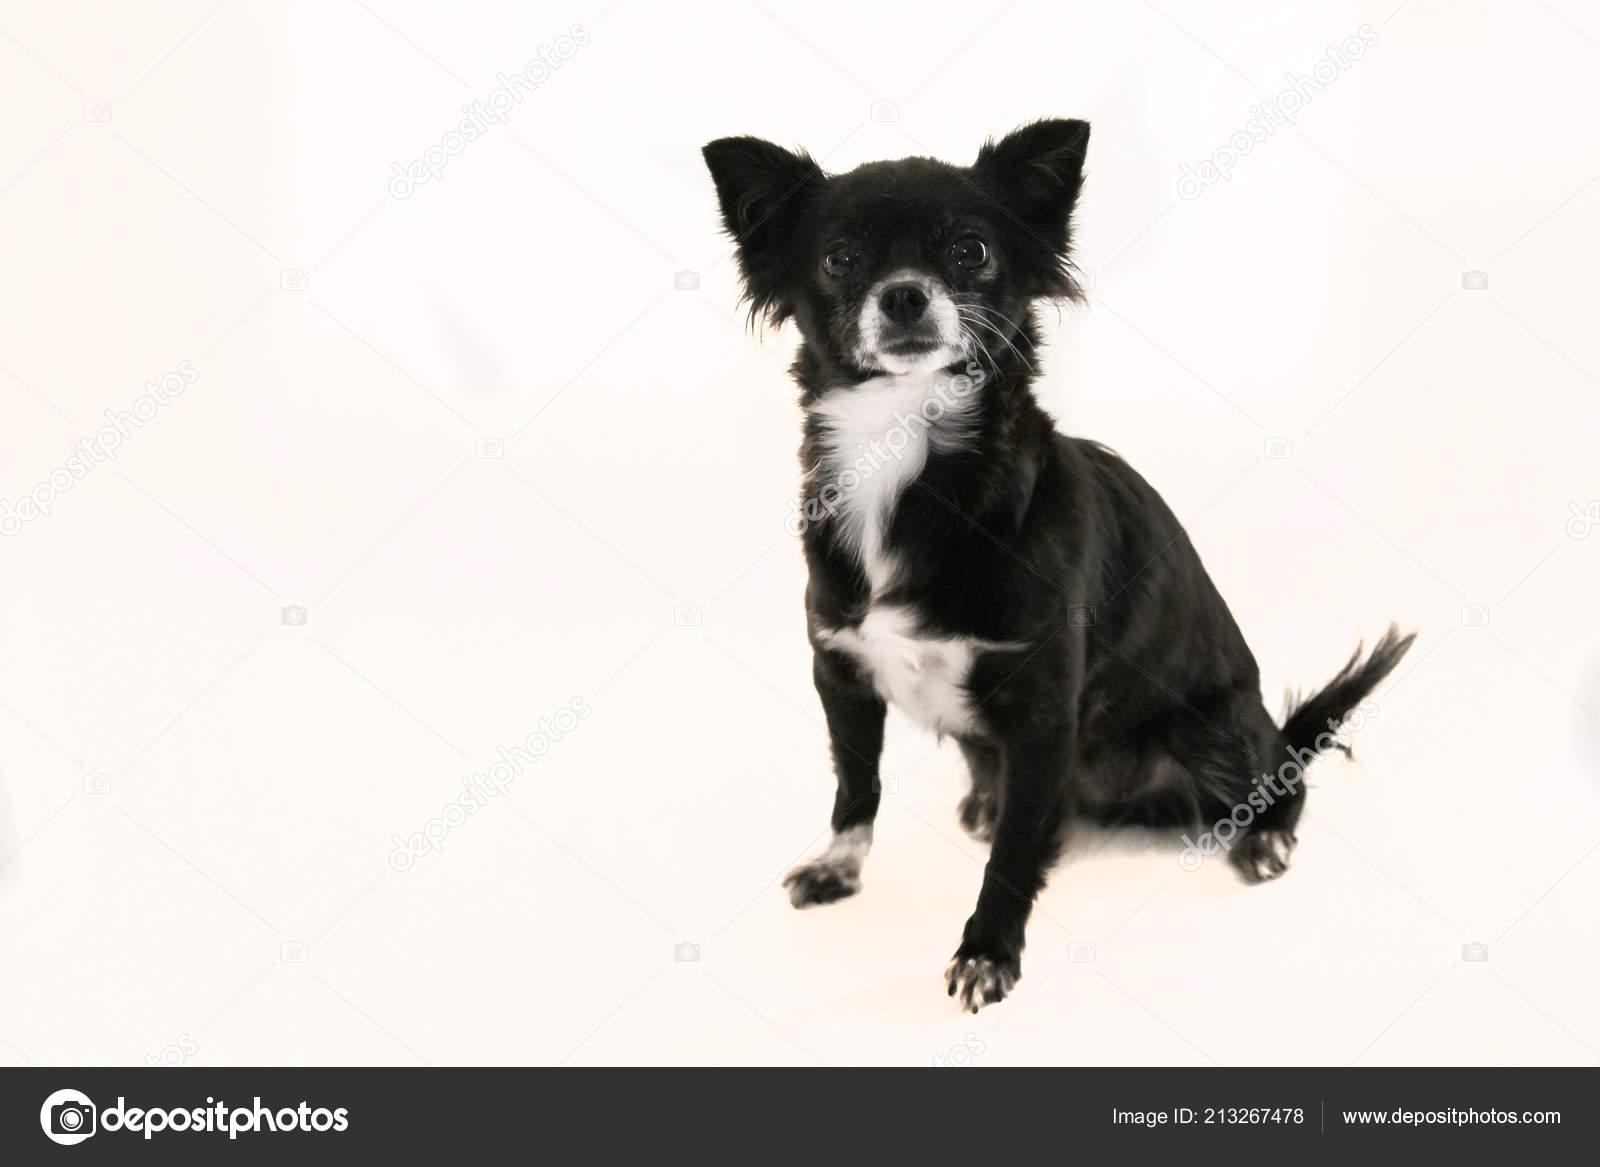 Schwarz Weiß Chihuahua Hund Mit Ohren Sitzt Auf Einem Weißen